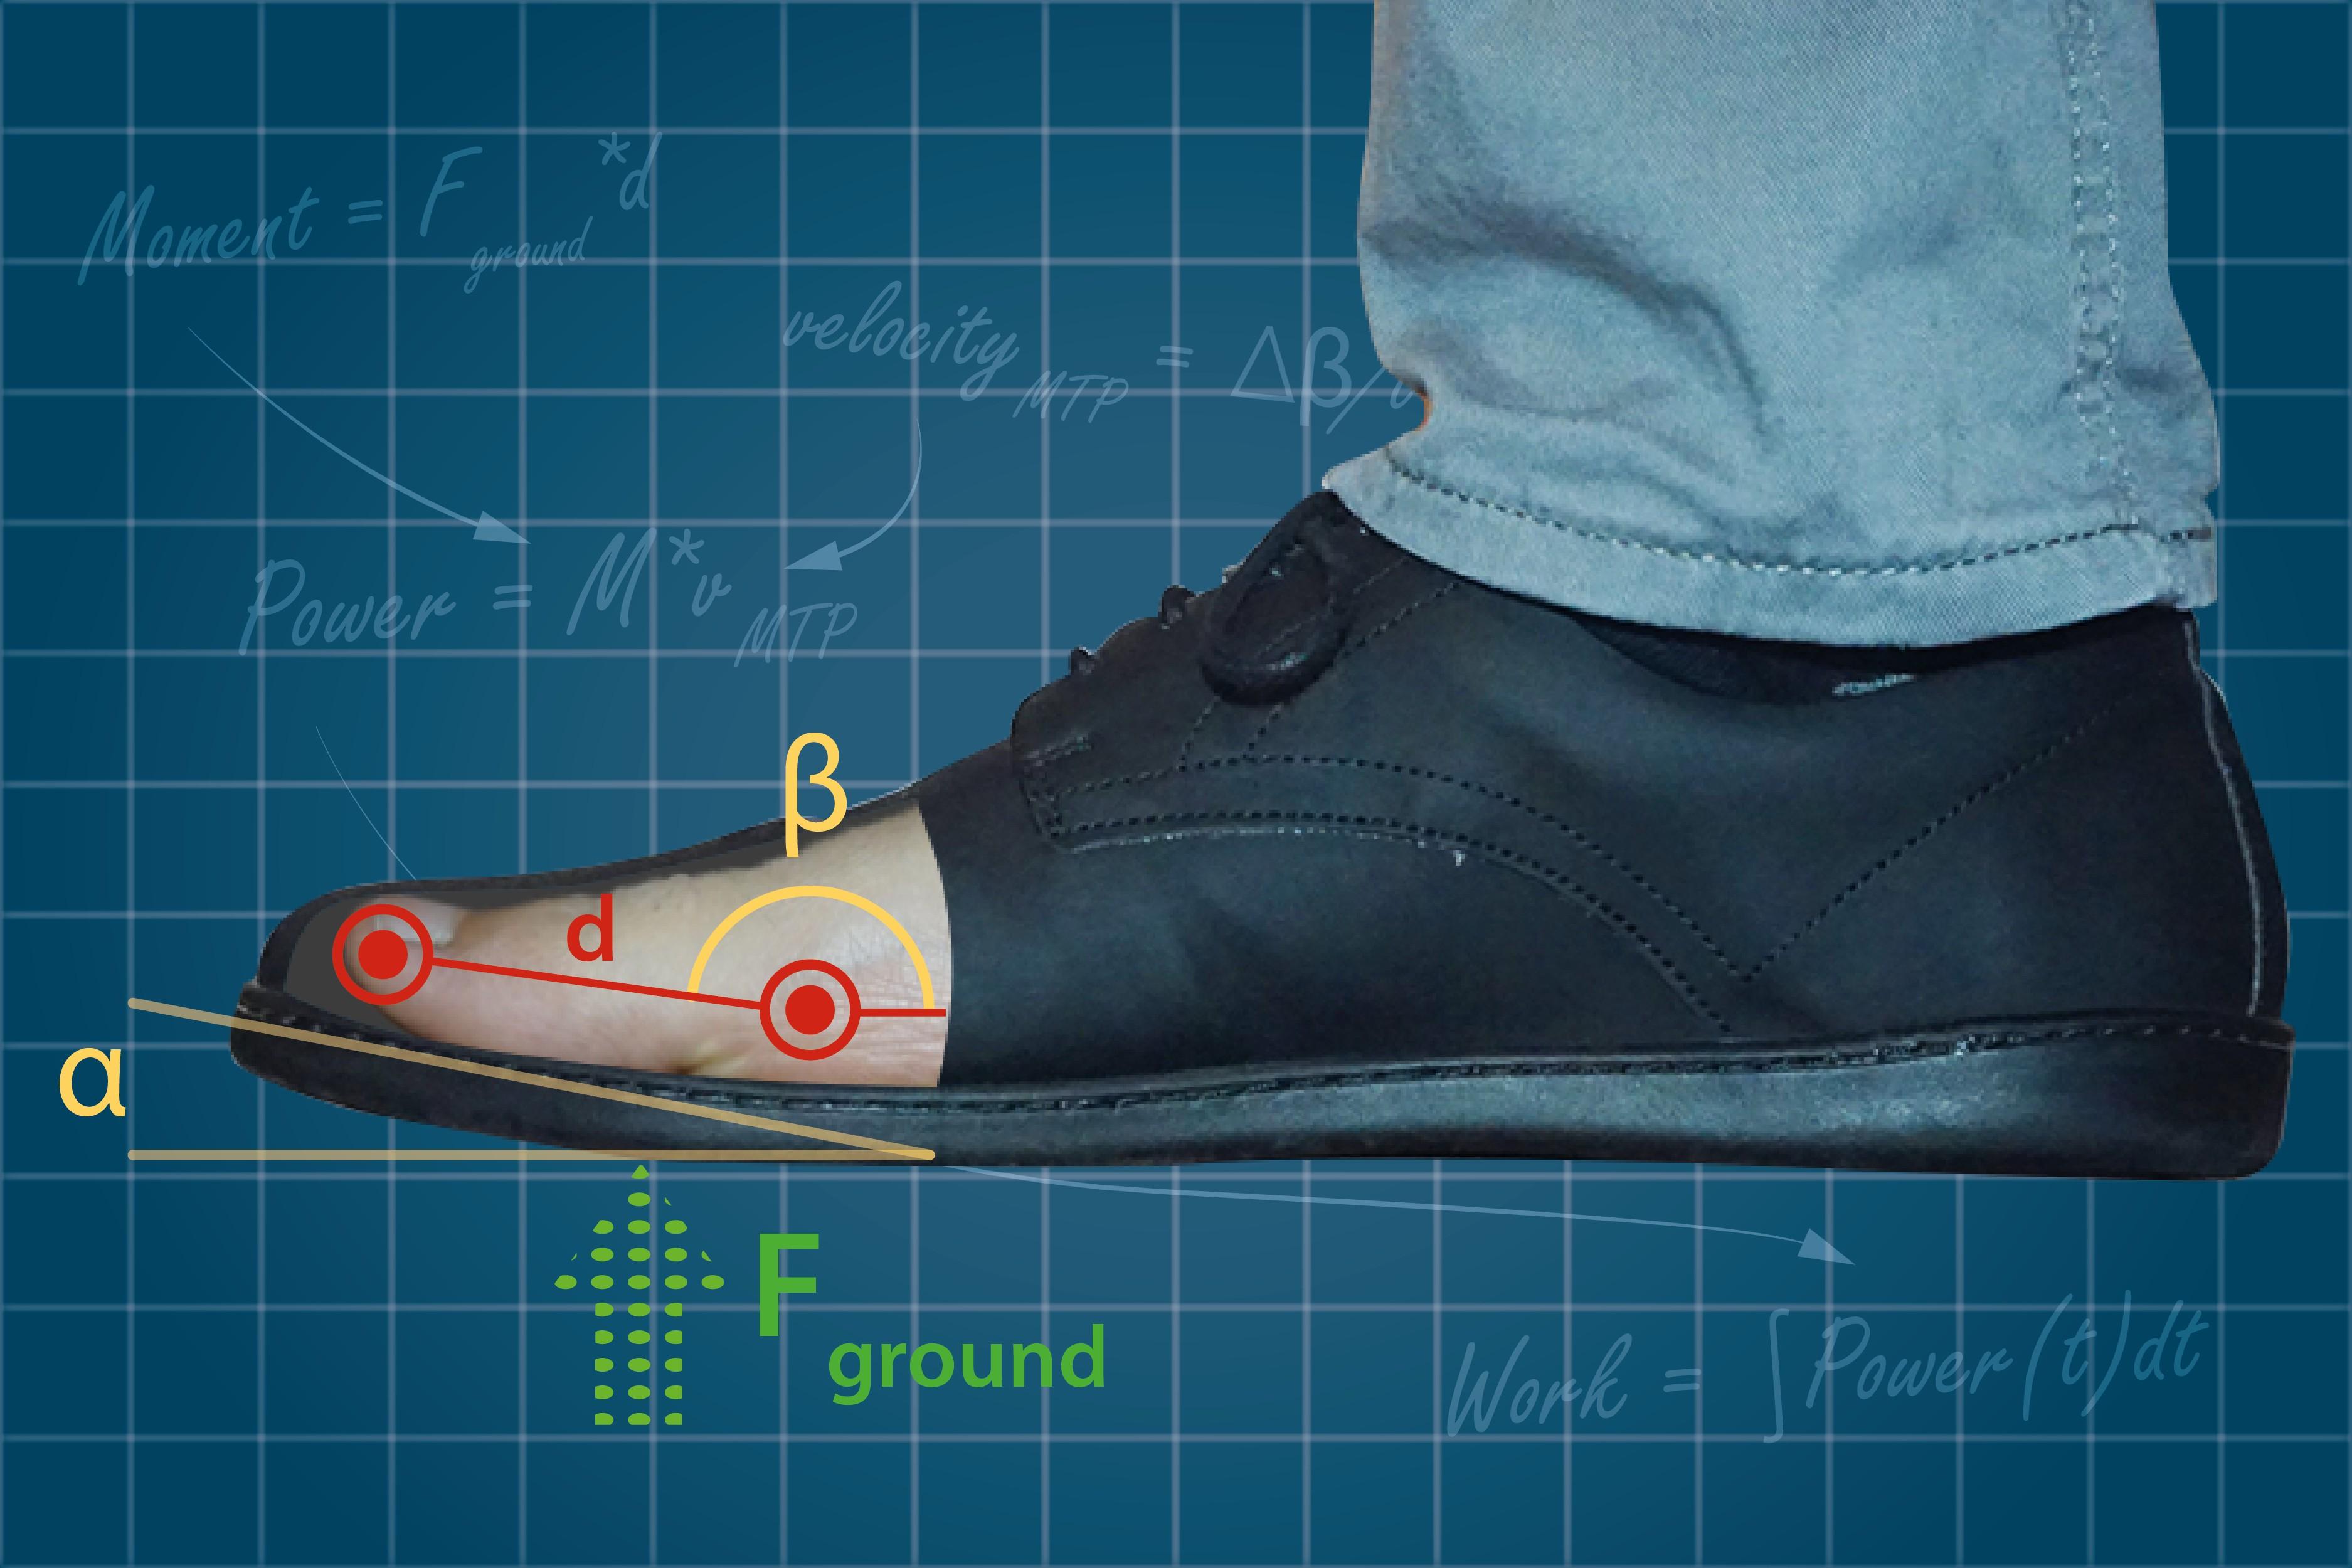 Sapatos com ponta 'curva' podem enfraquecer músculos do pé, diz pesquisa de Harvard